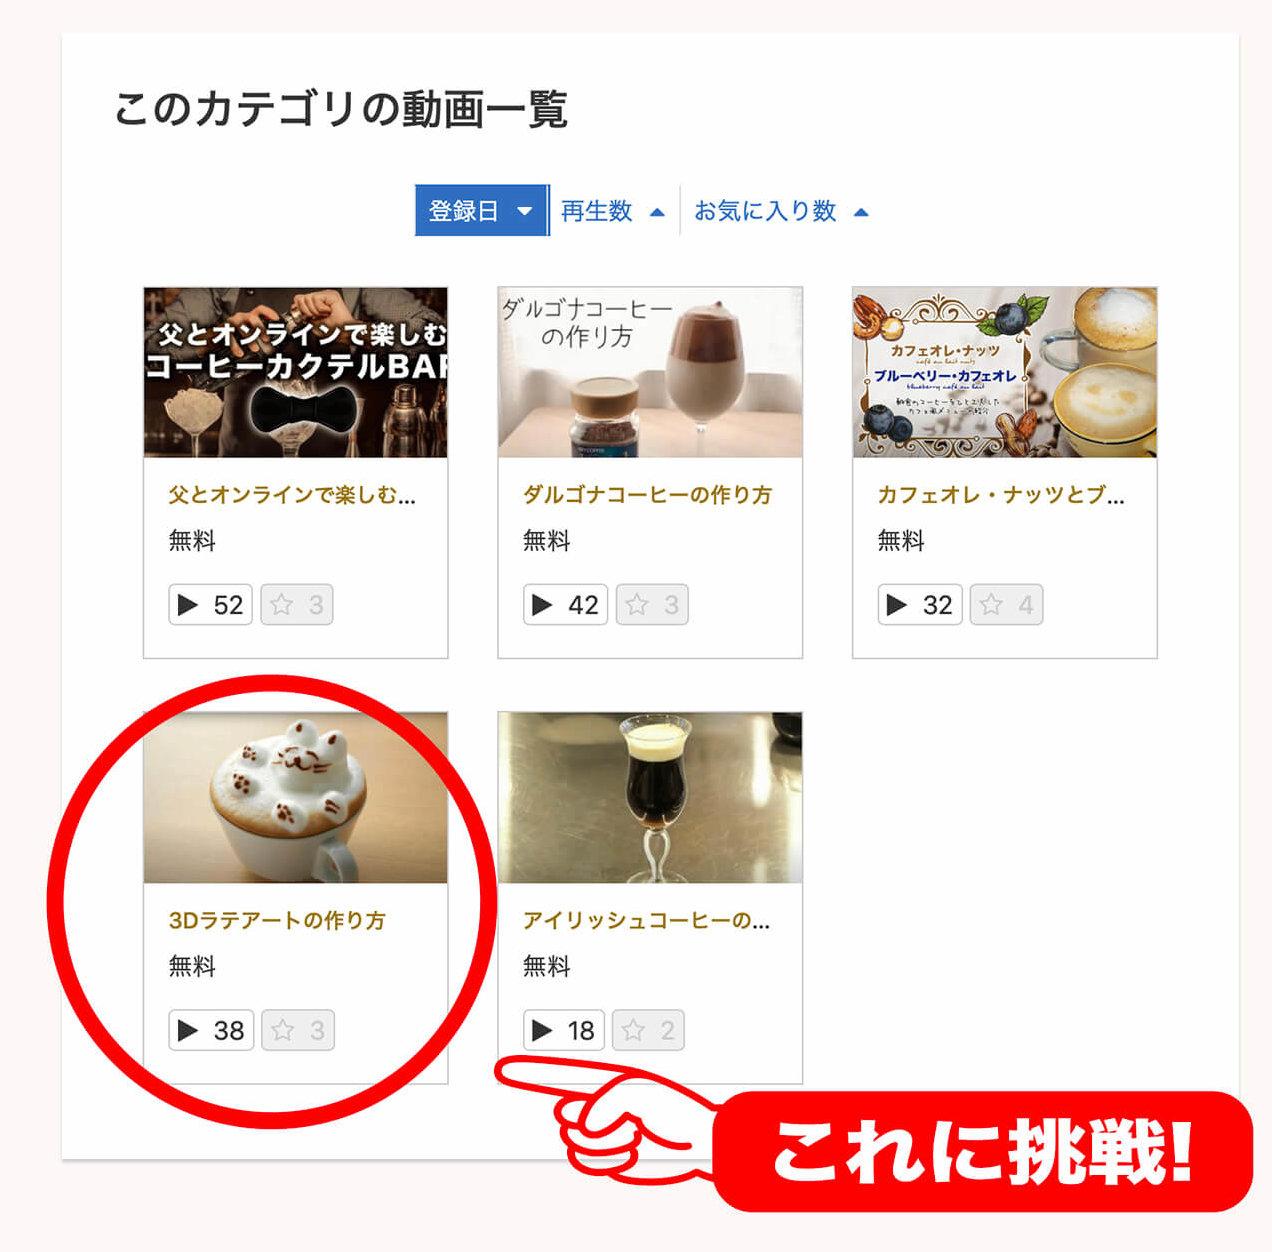 おうちカフェKEY ラテアート